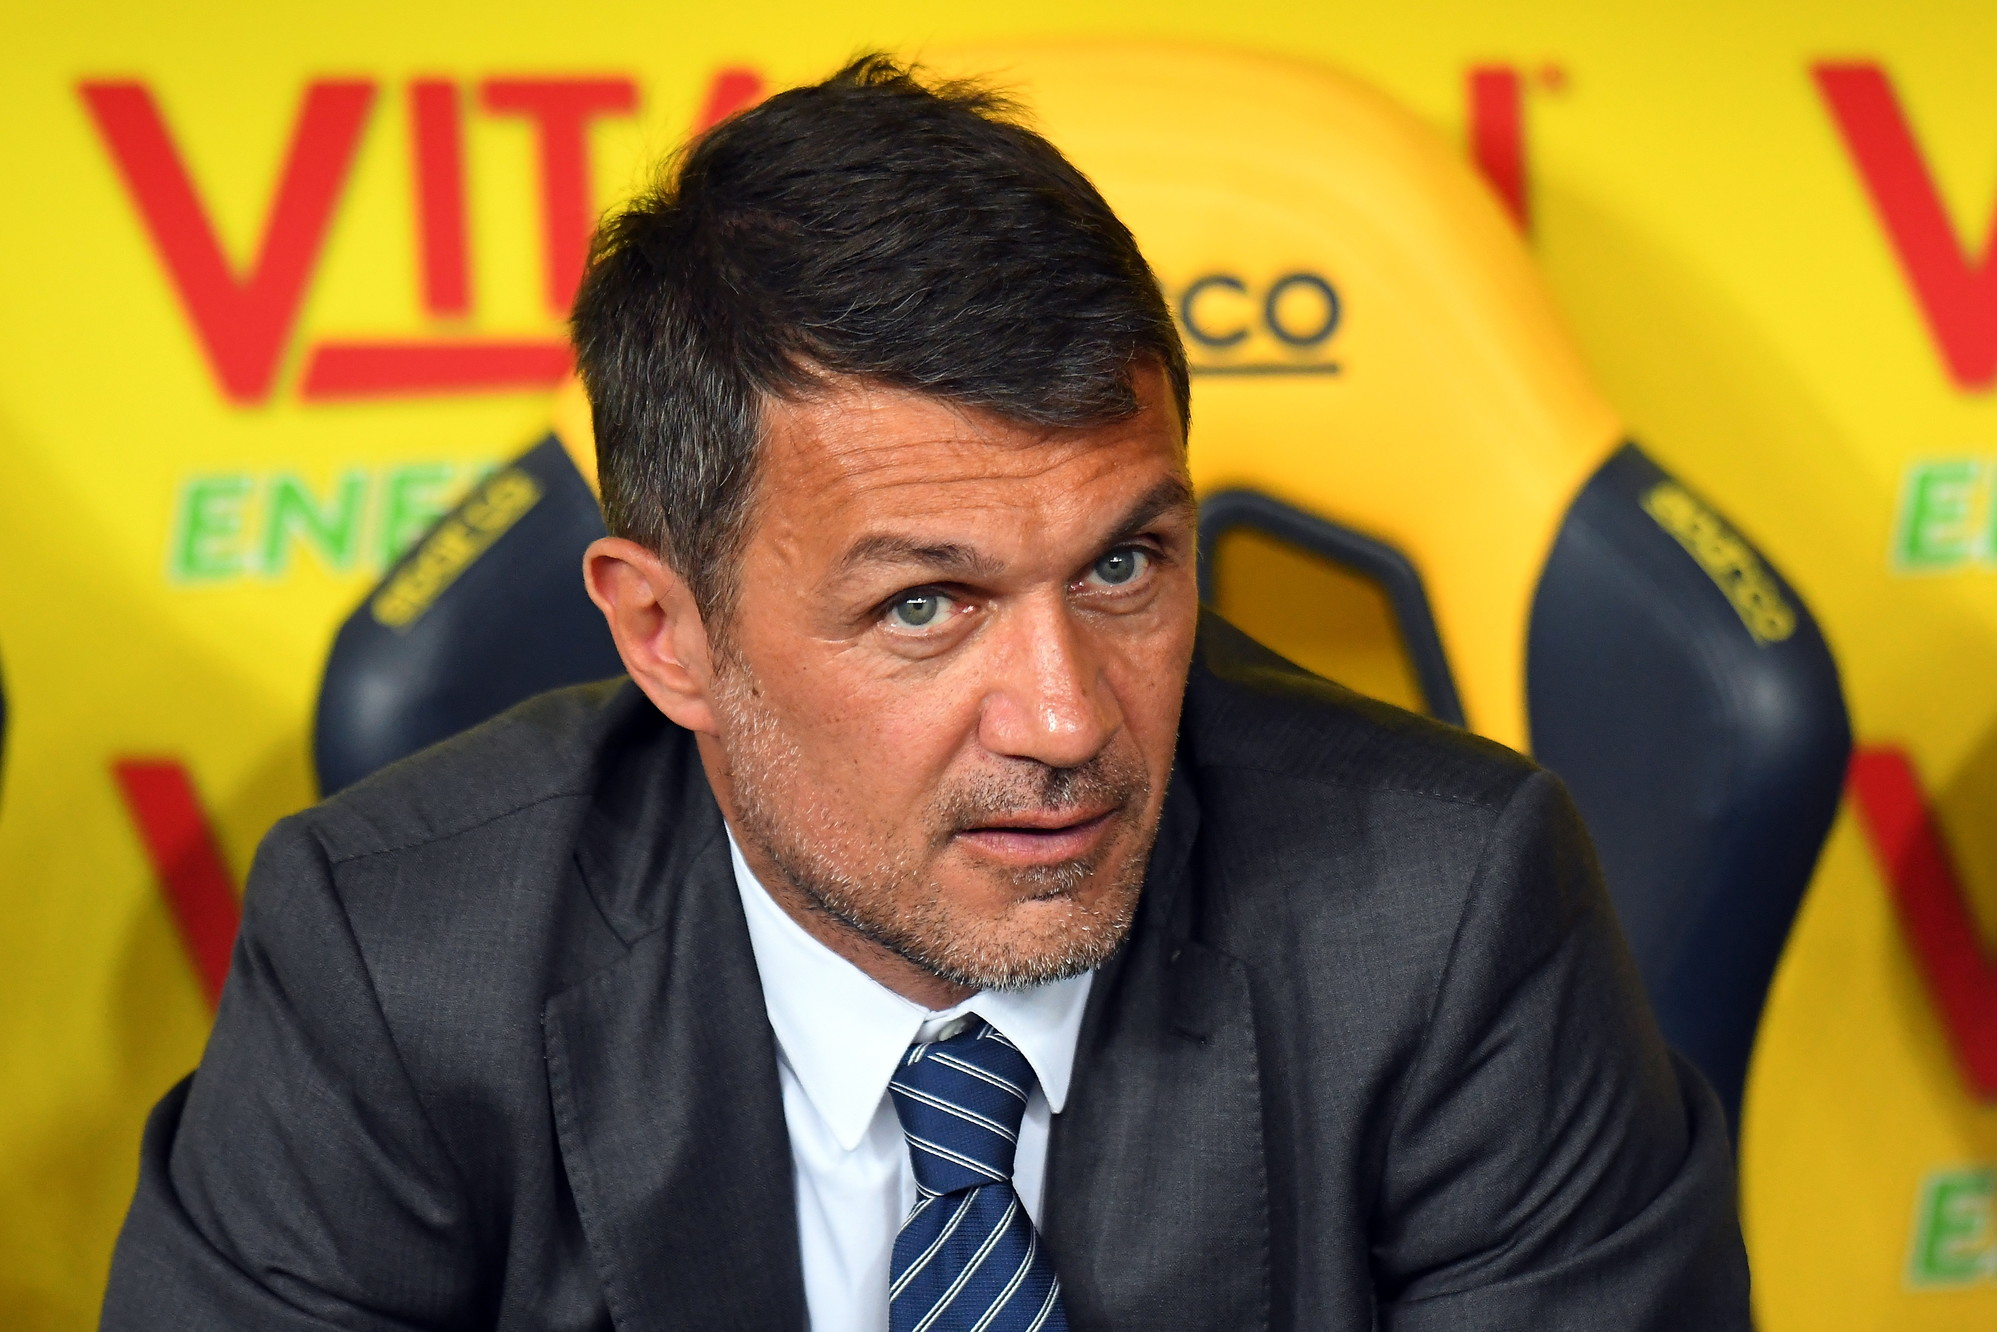 Paolo Maldini (calciatore 1985-2009, attuale direttore tecnico)